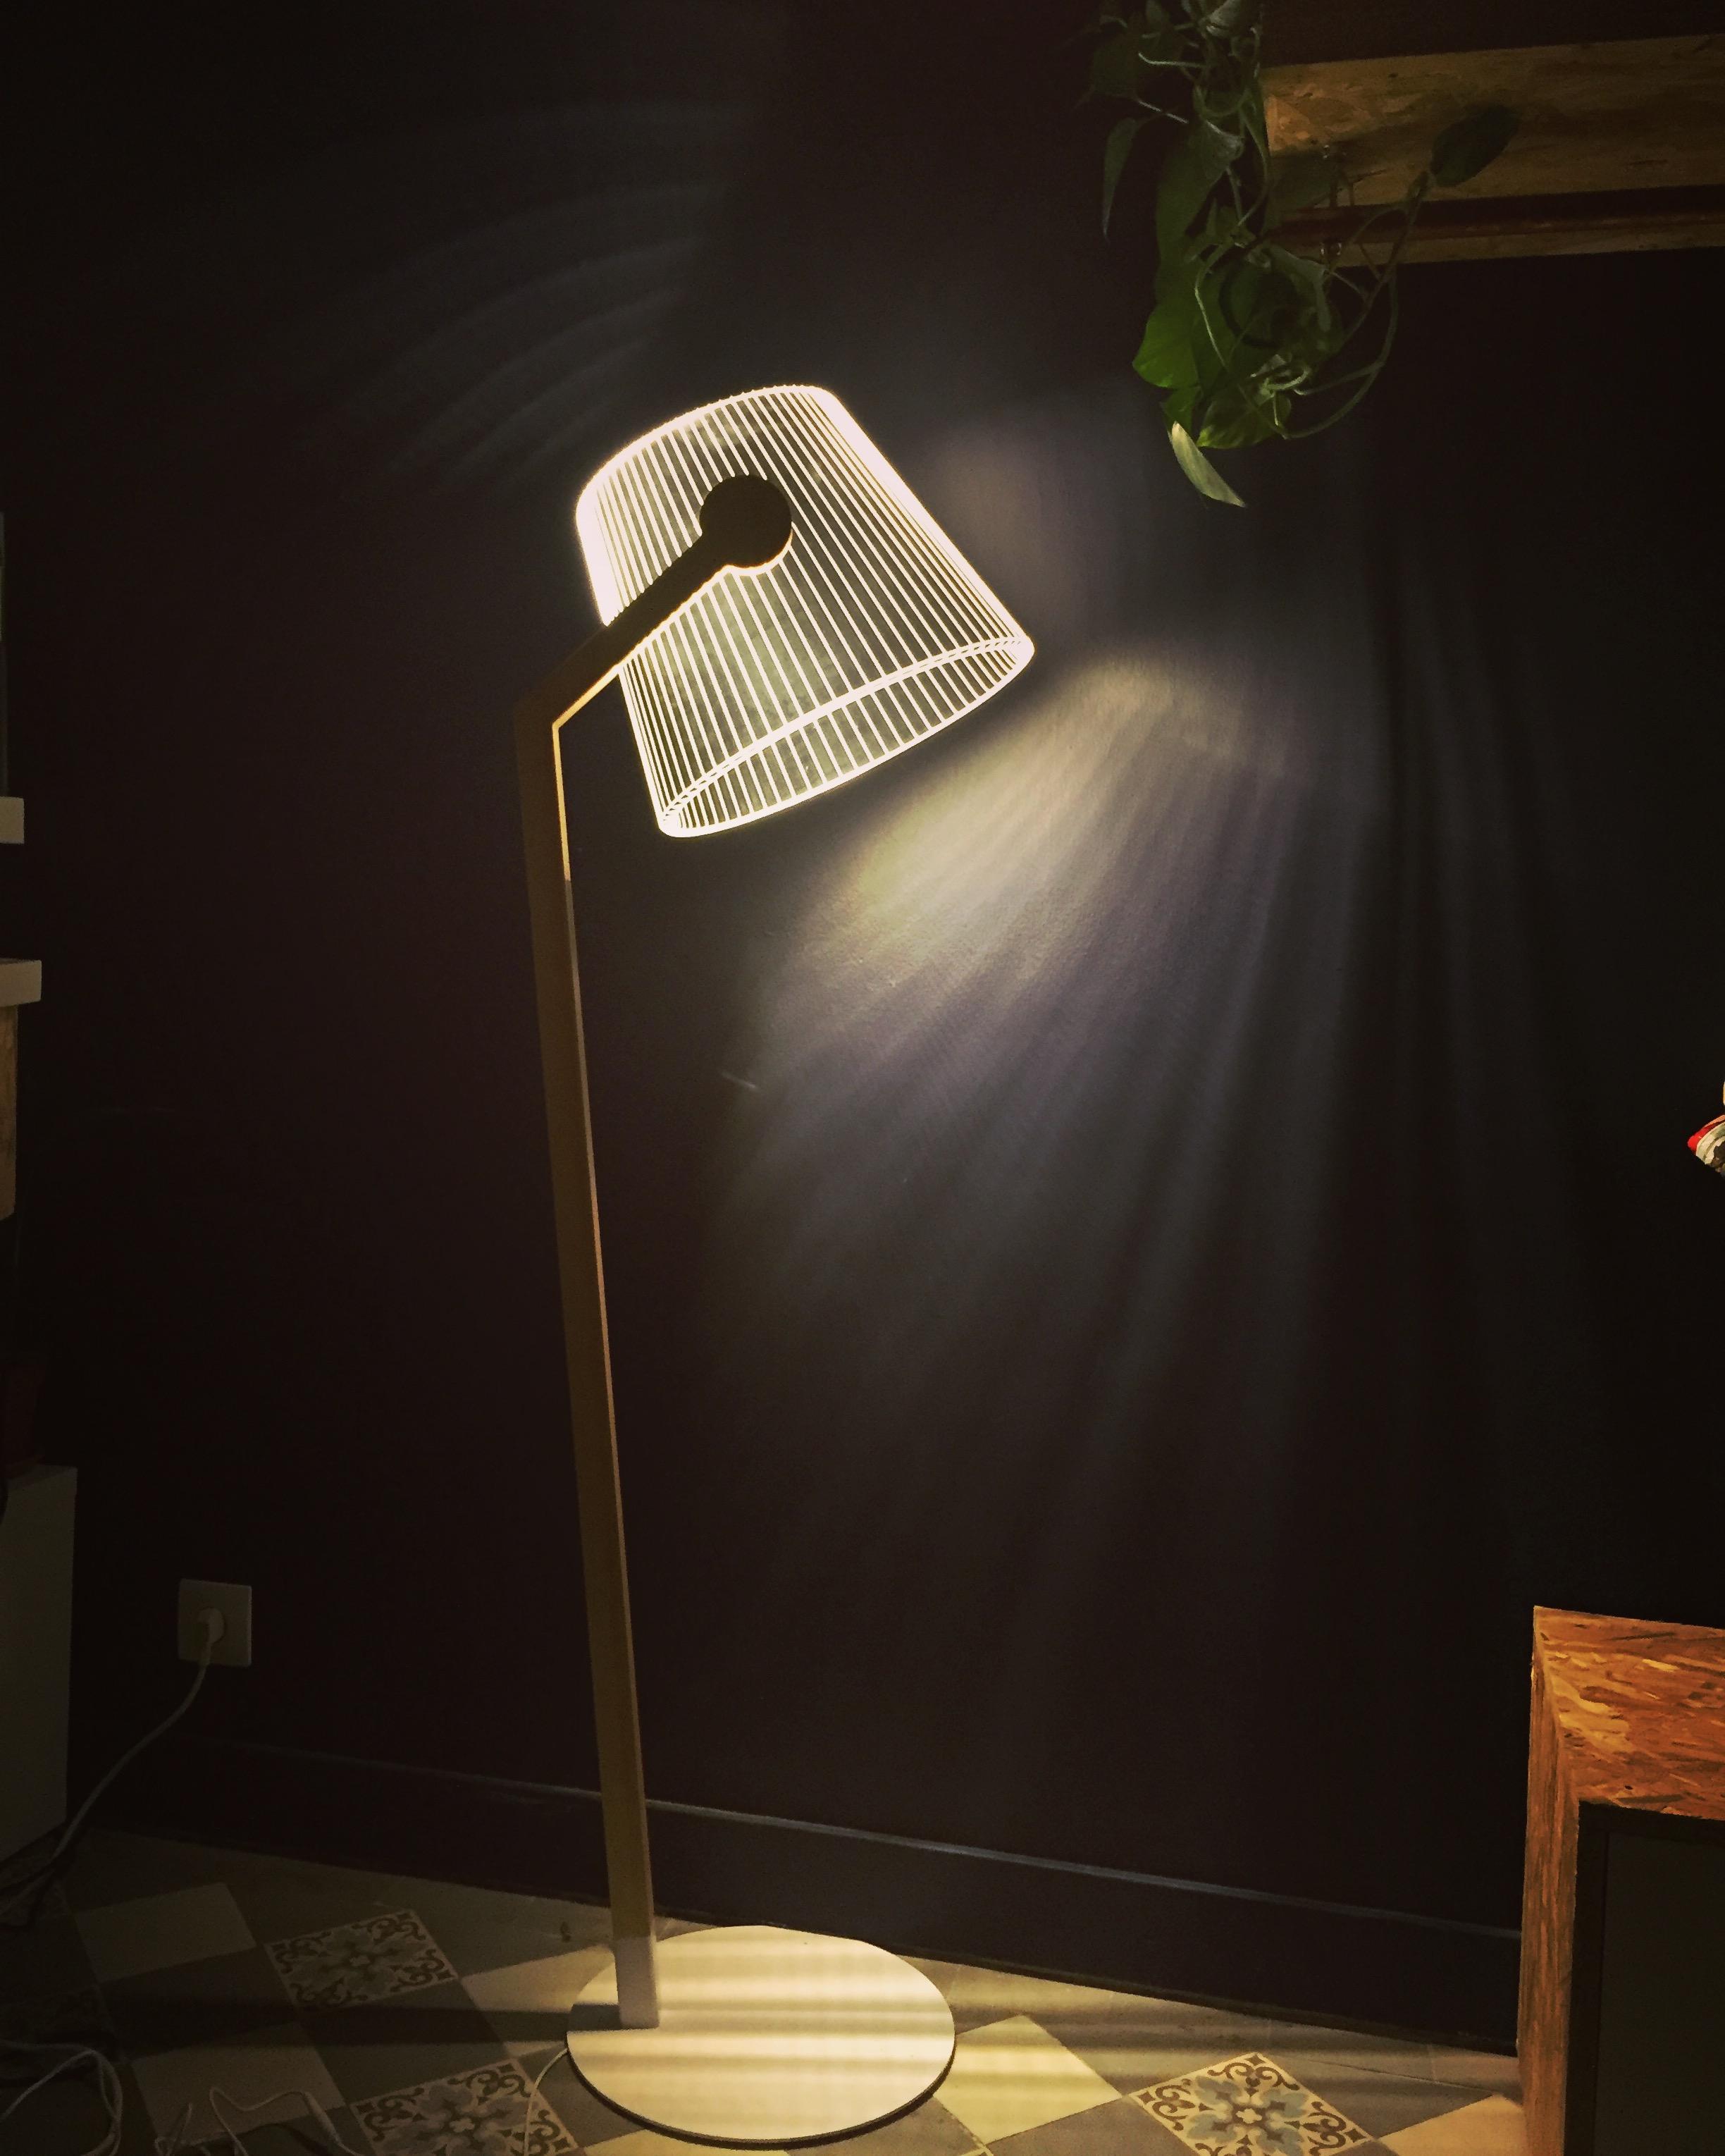 LAMPADAIRE 2D IMPRESSION 3D